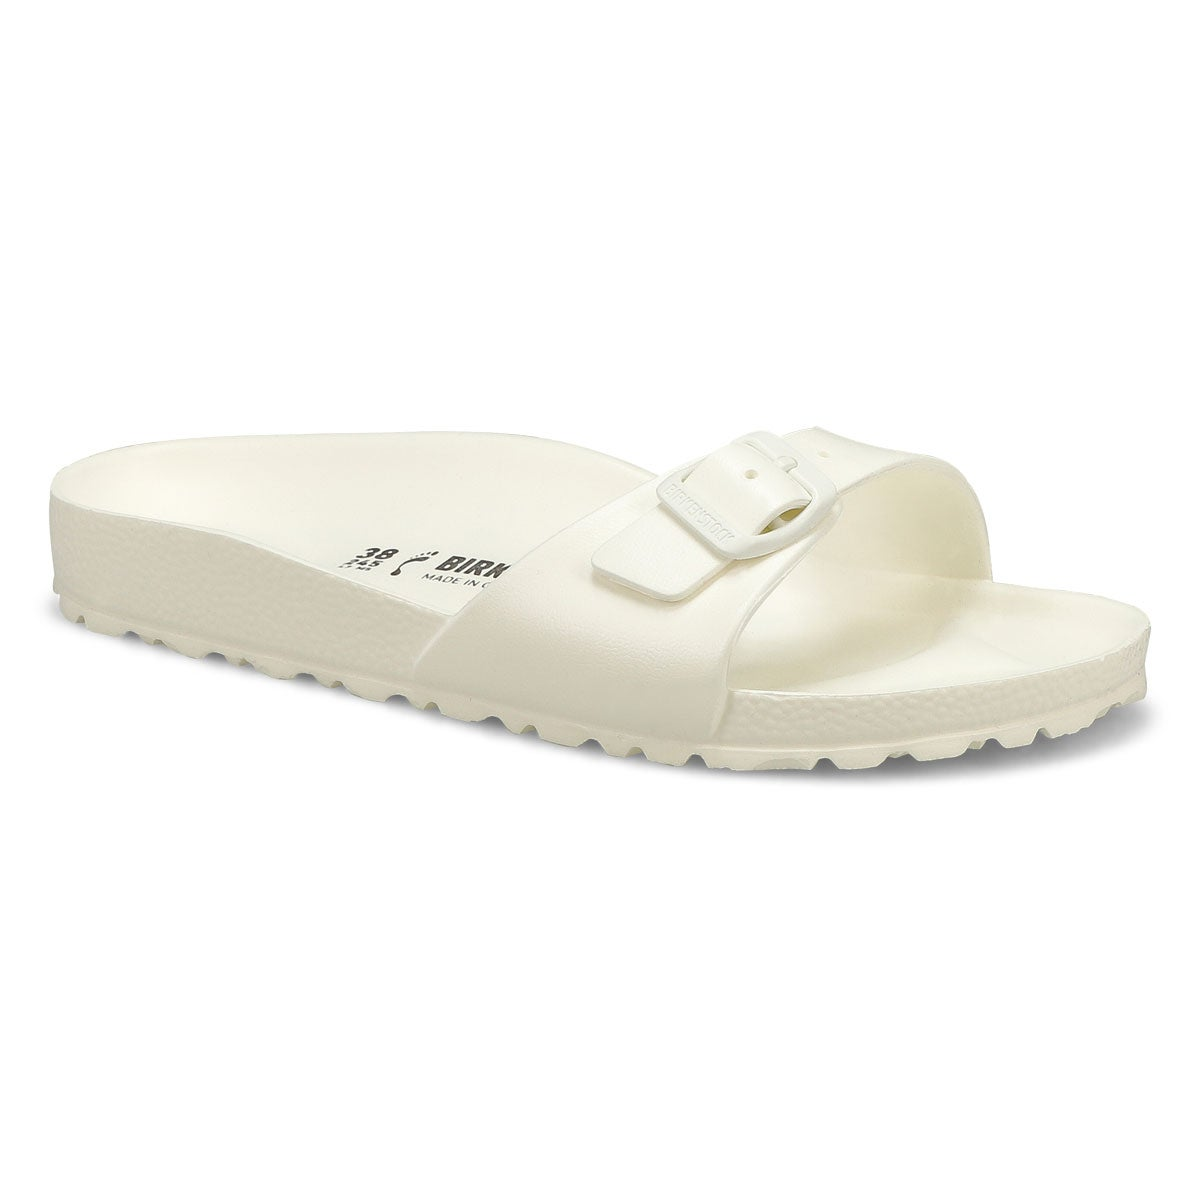 Lds Madrid wht EVA slide sandal - Narrow